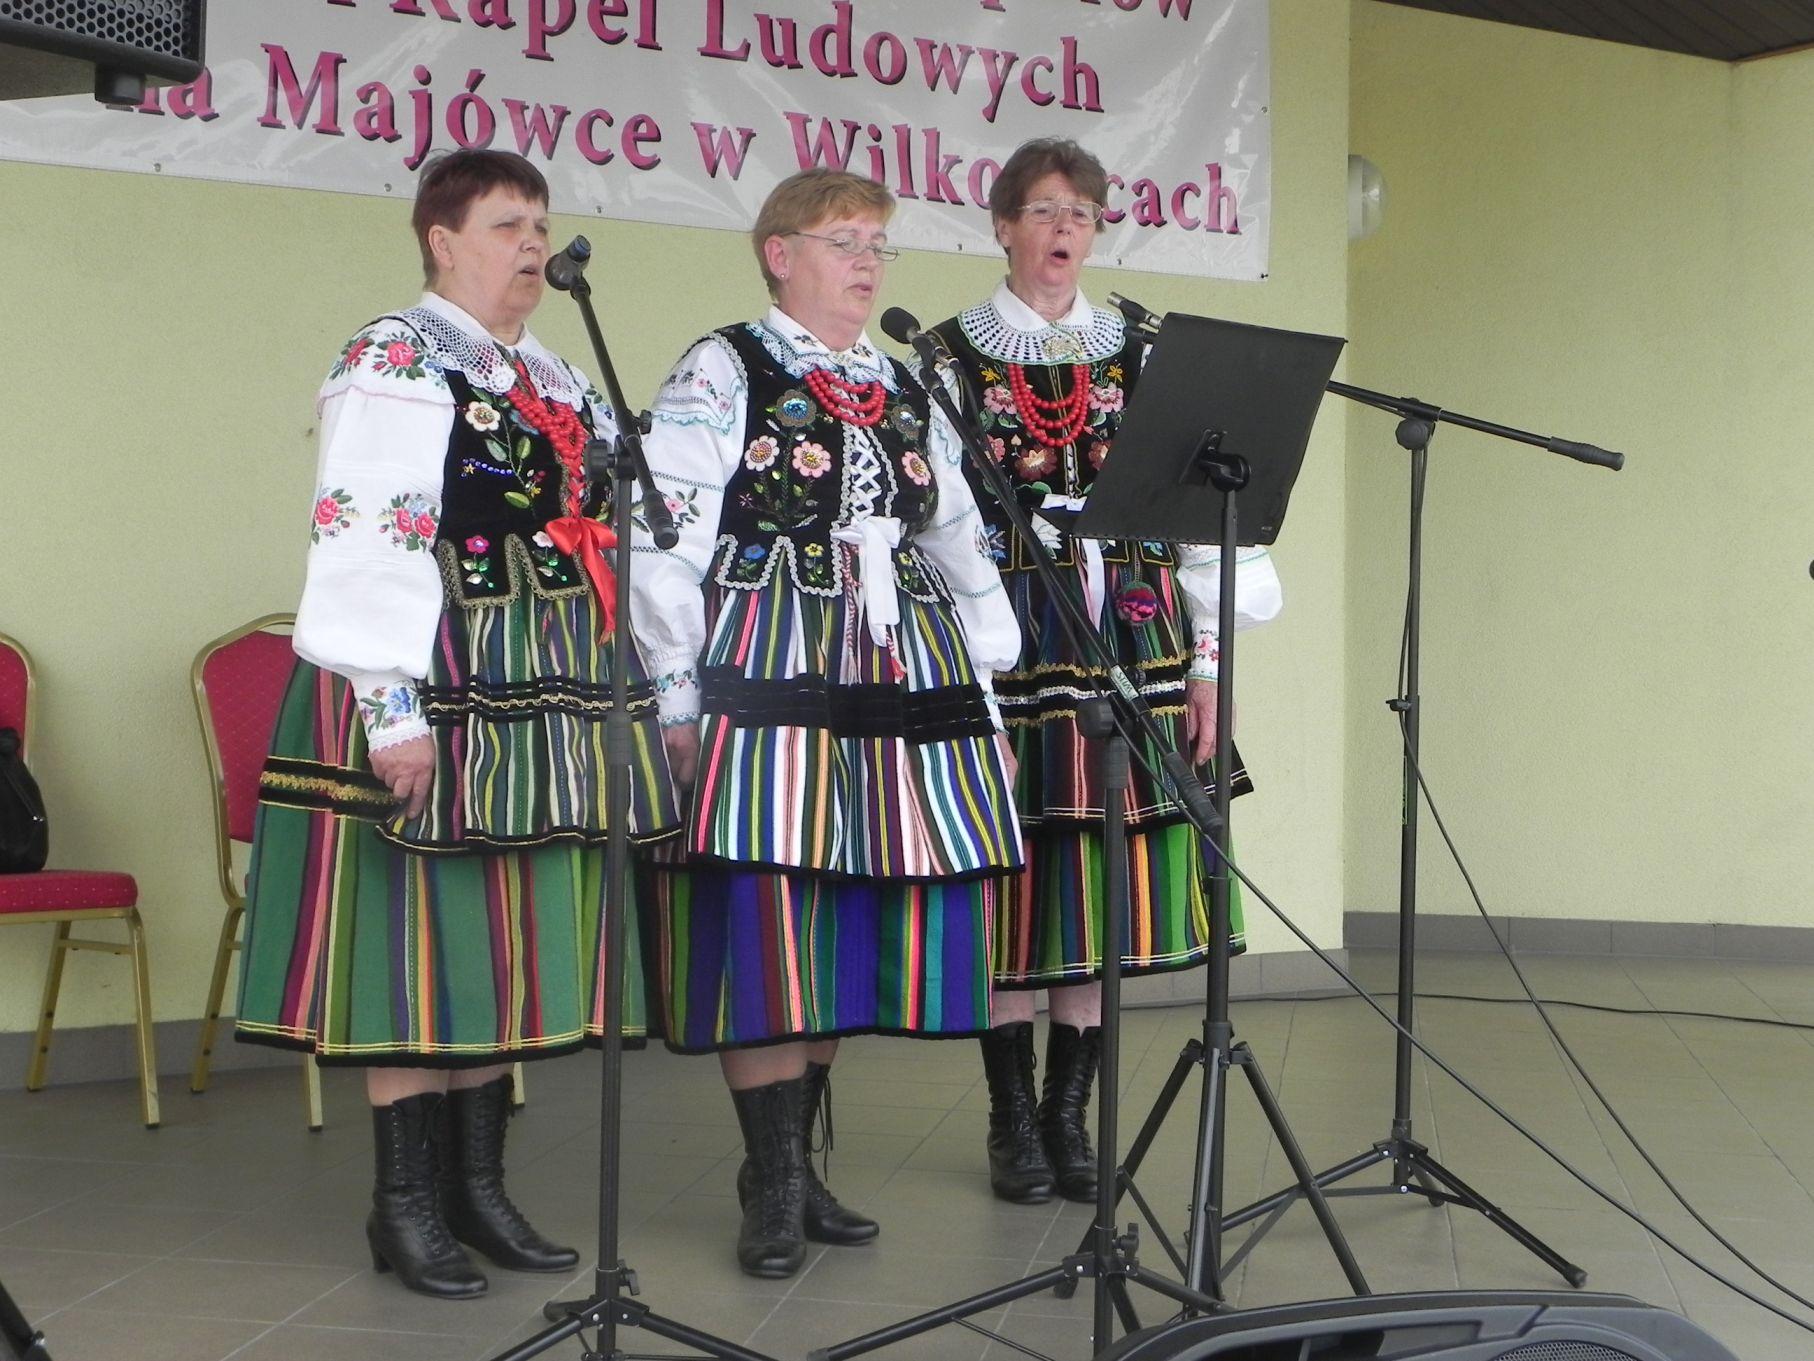 2016-05-29 Wilkowice - Majówka (44)